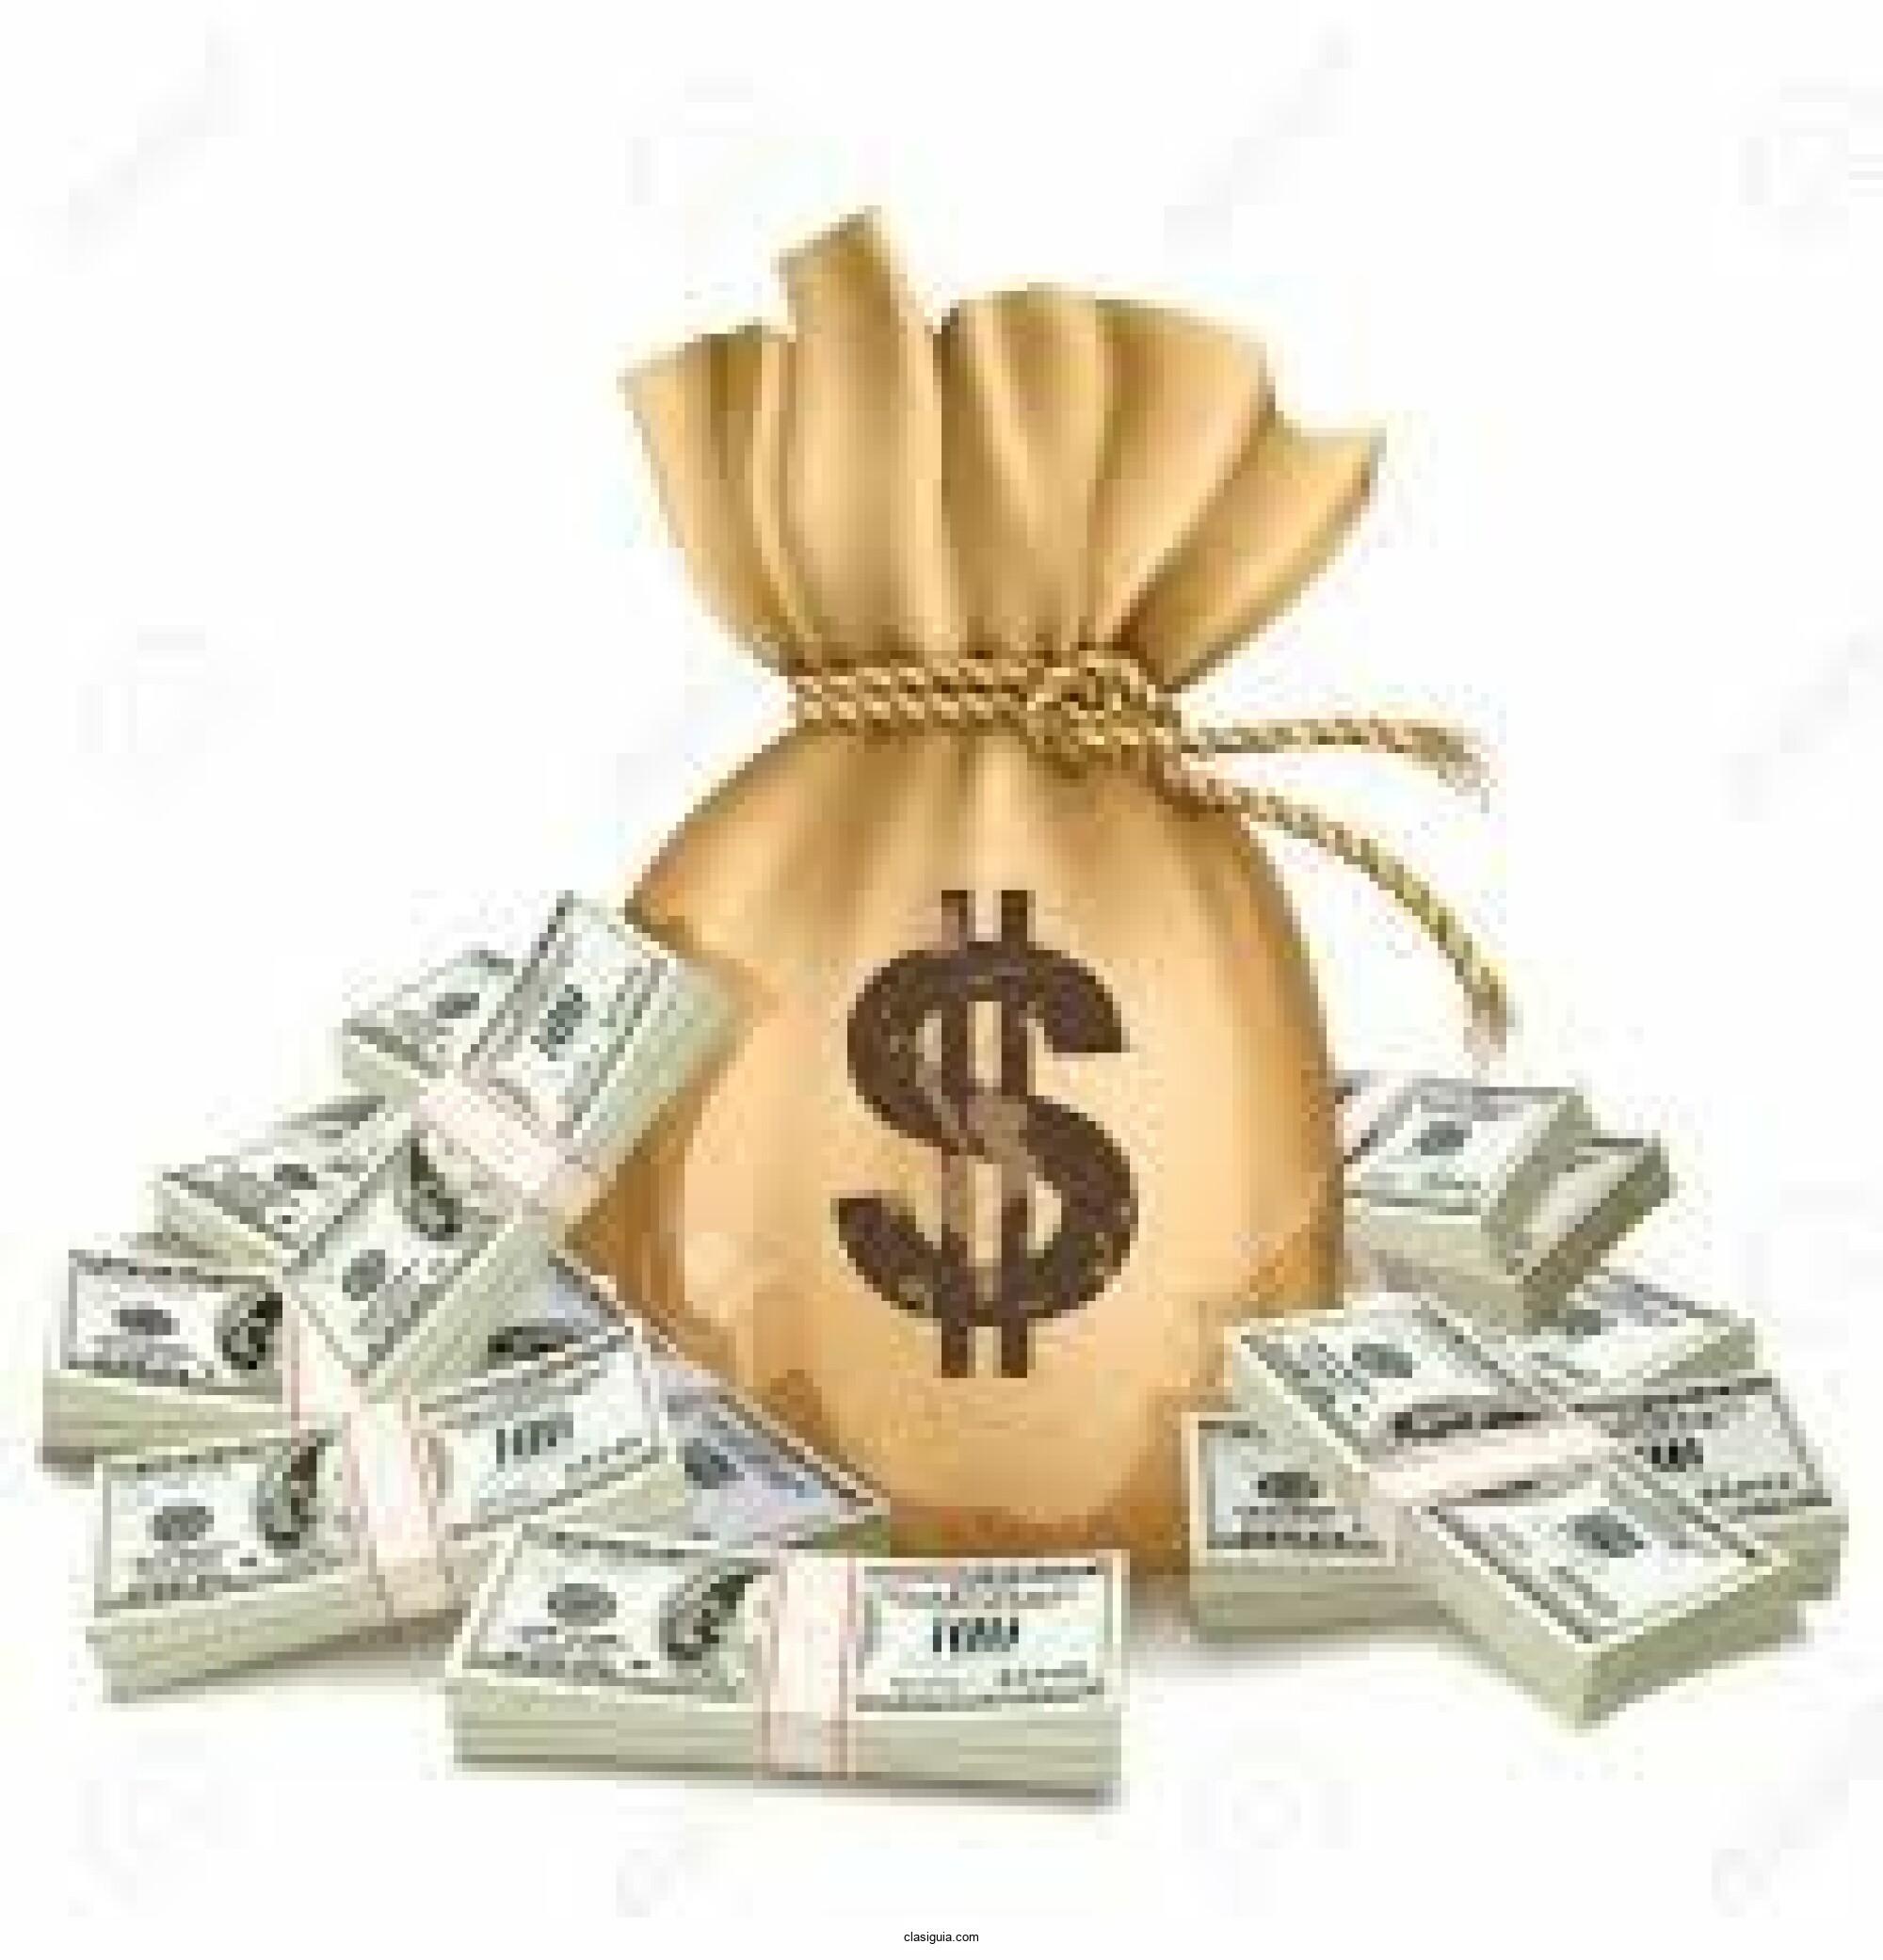 Oferta de préstamo de dinero y muy rápido.